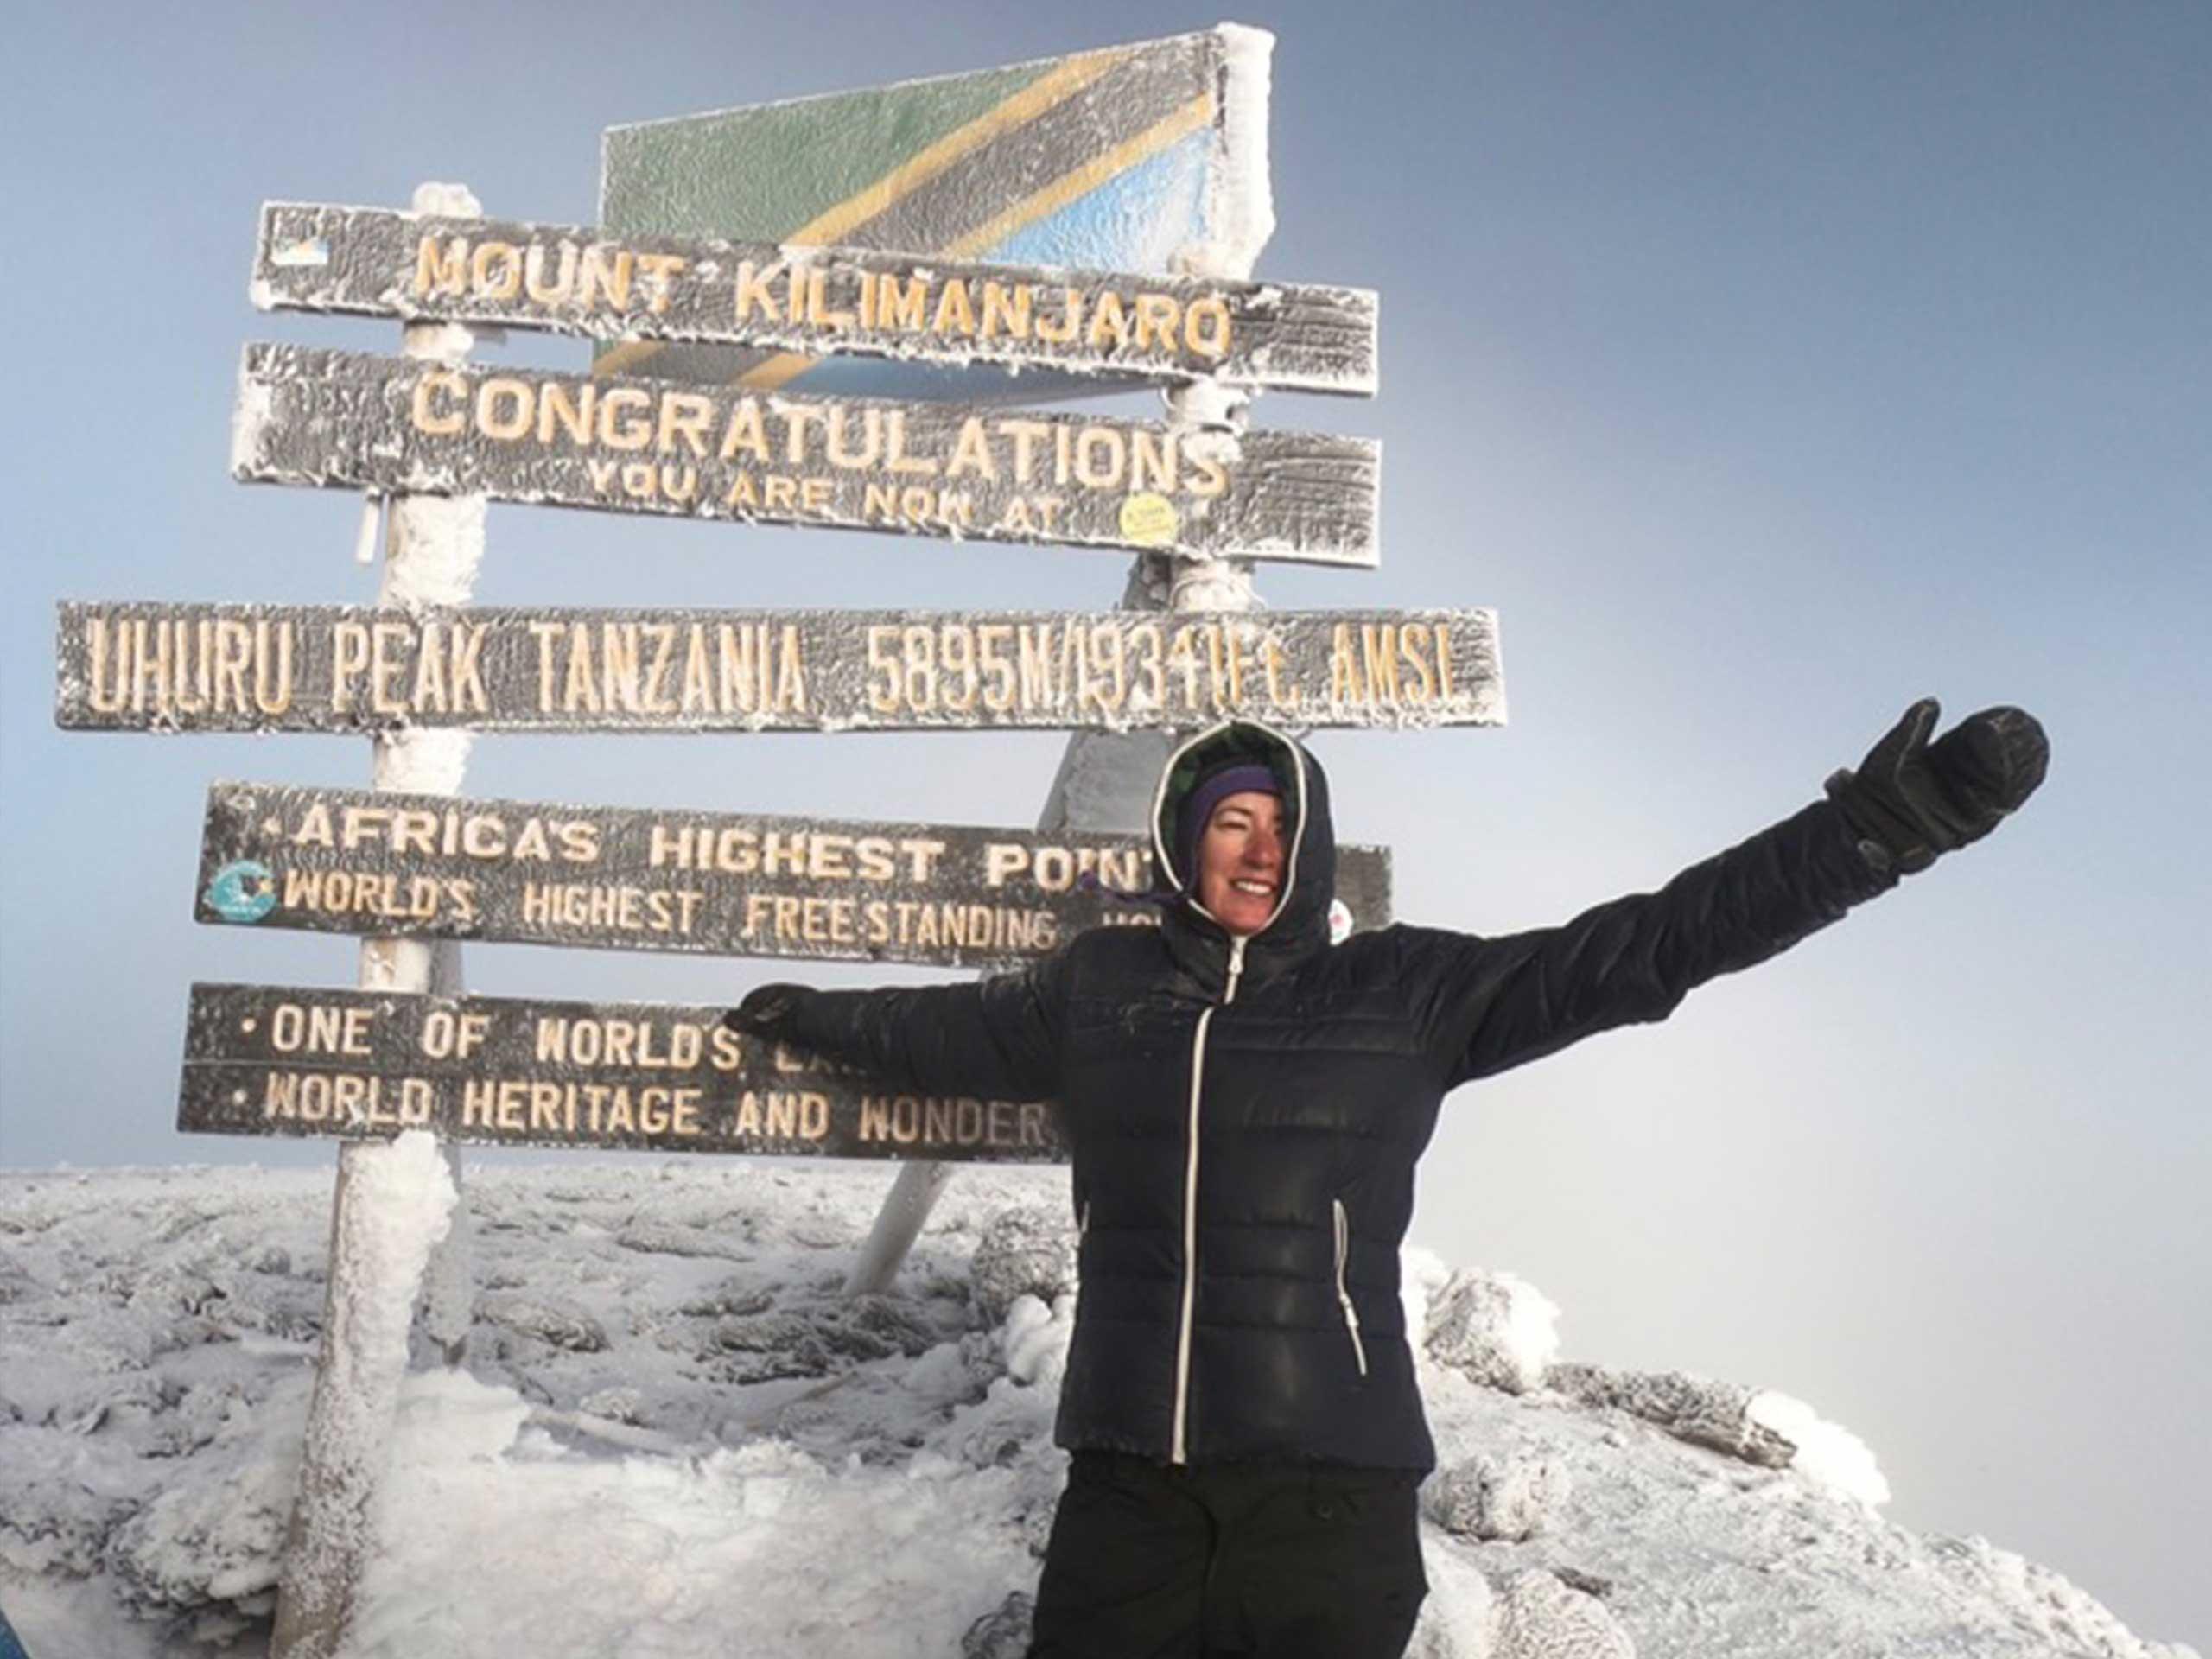 Climbing-Mount-Kilimanjaro-Packing-Title